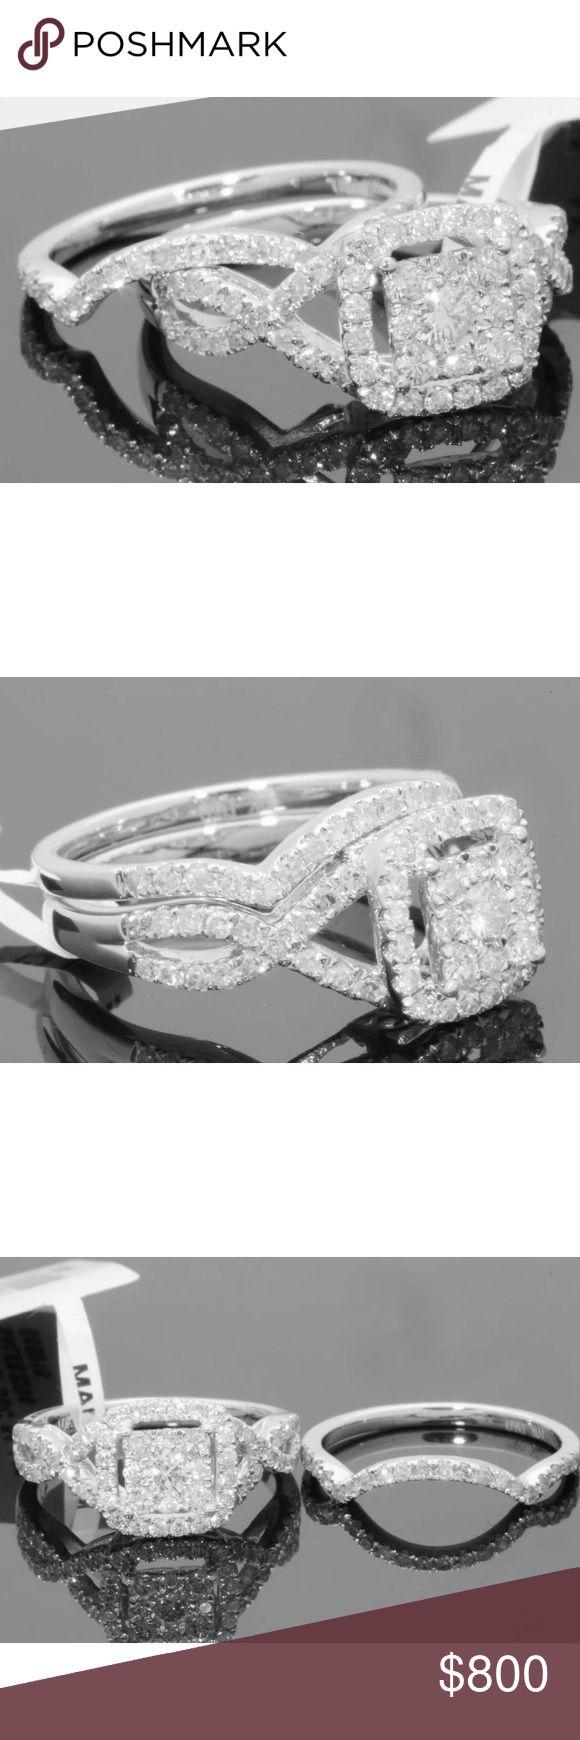 1.20 carat 10k white gold diamond ring set 1.20 carat 10k white gold diamond ring set! Great quality! Lots of sparkle! Retail around $2200! Lower on pal! Jewelry Rings